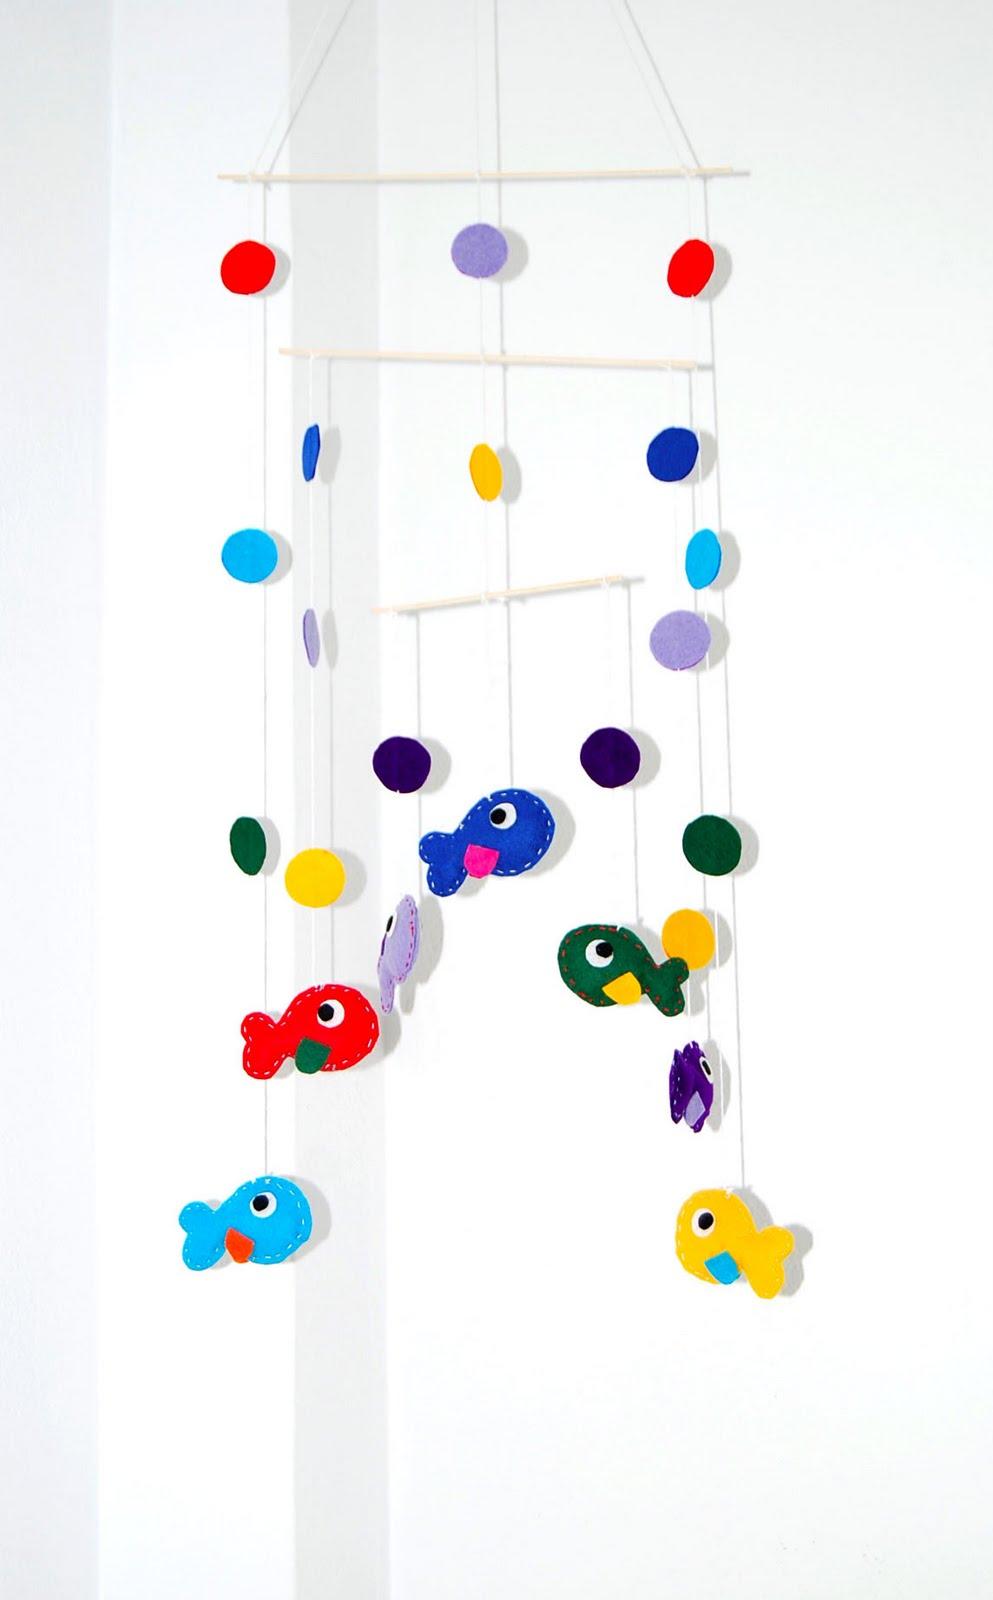 Increíble moviles infantiles con ramas Planeando Su Sueño - Apples and Pears: Móviles infantiles